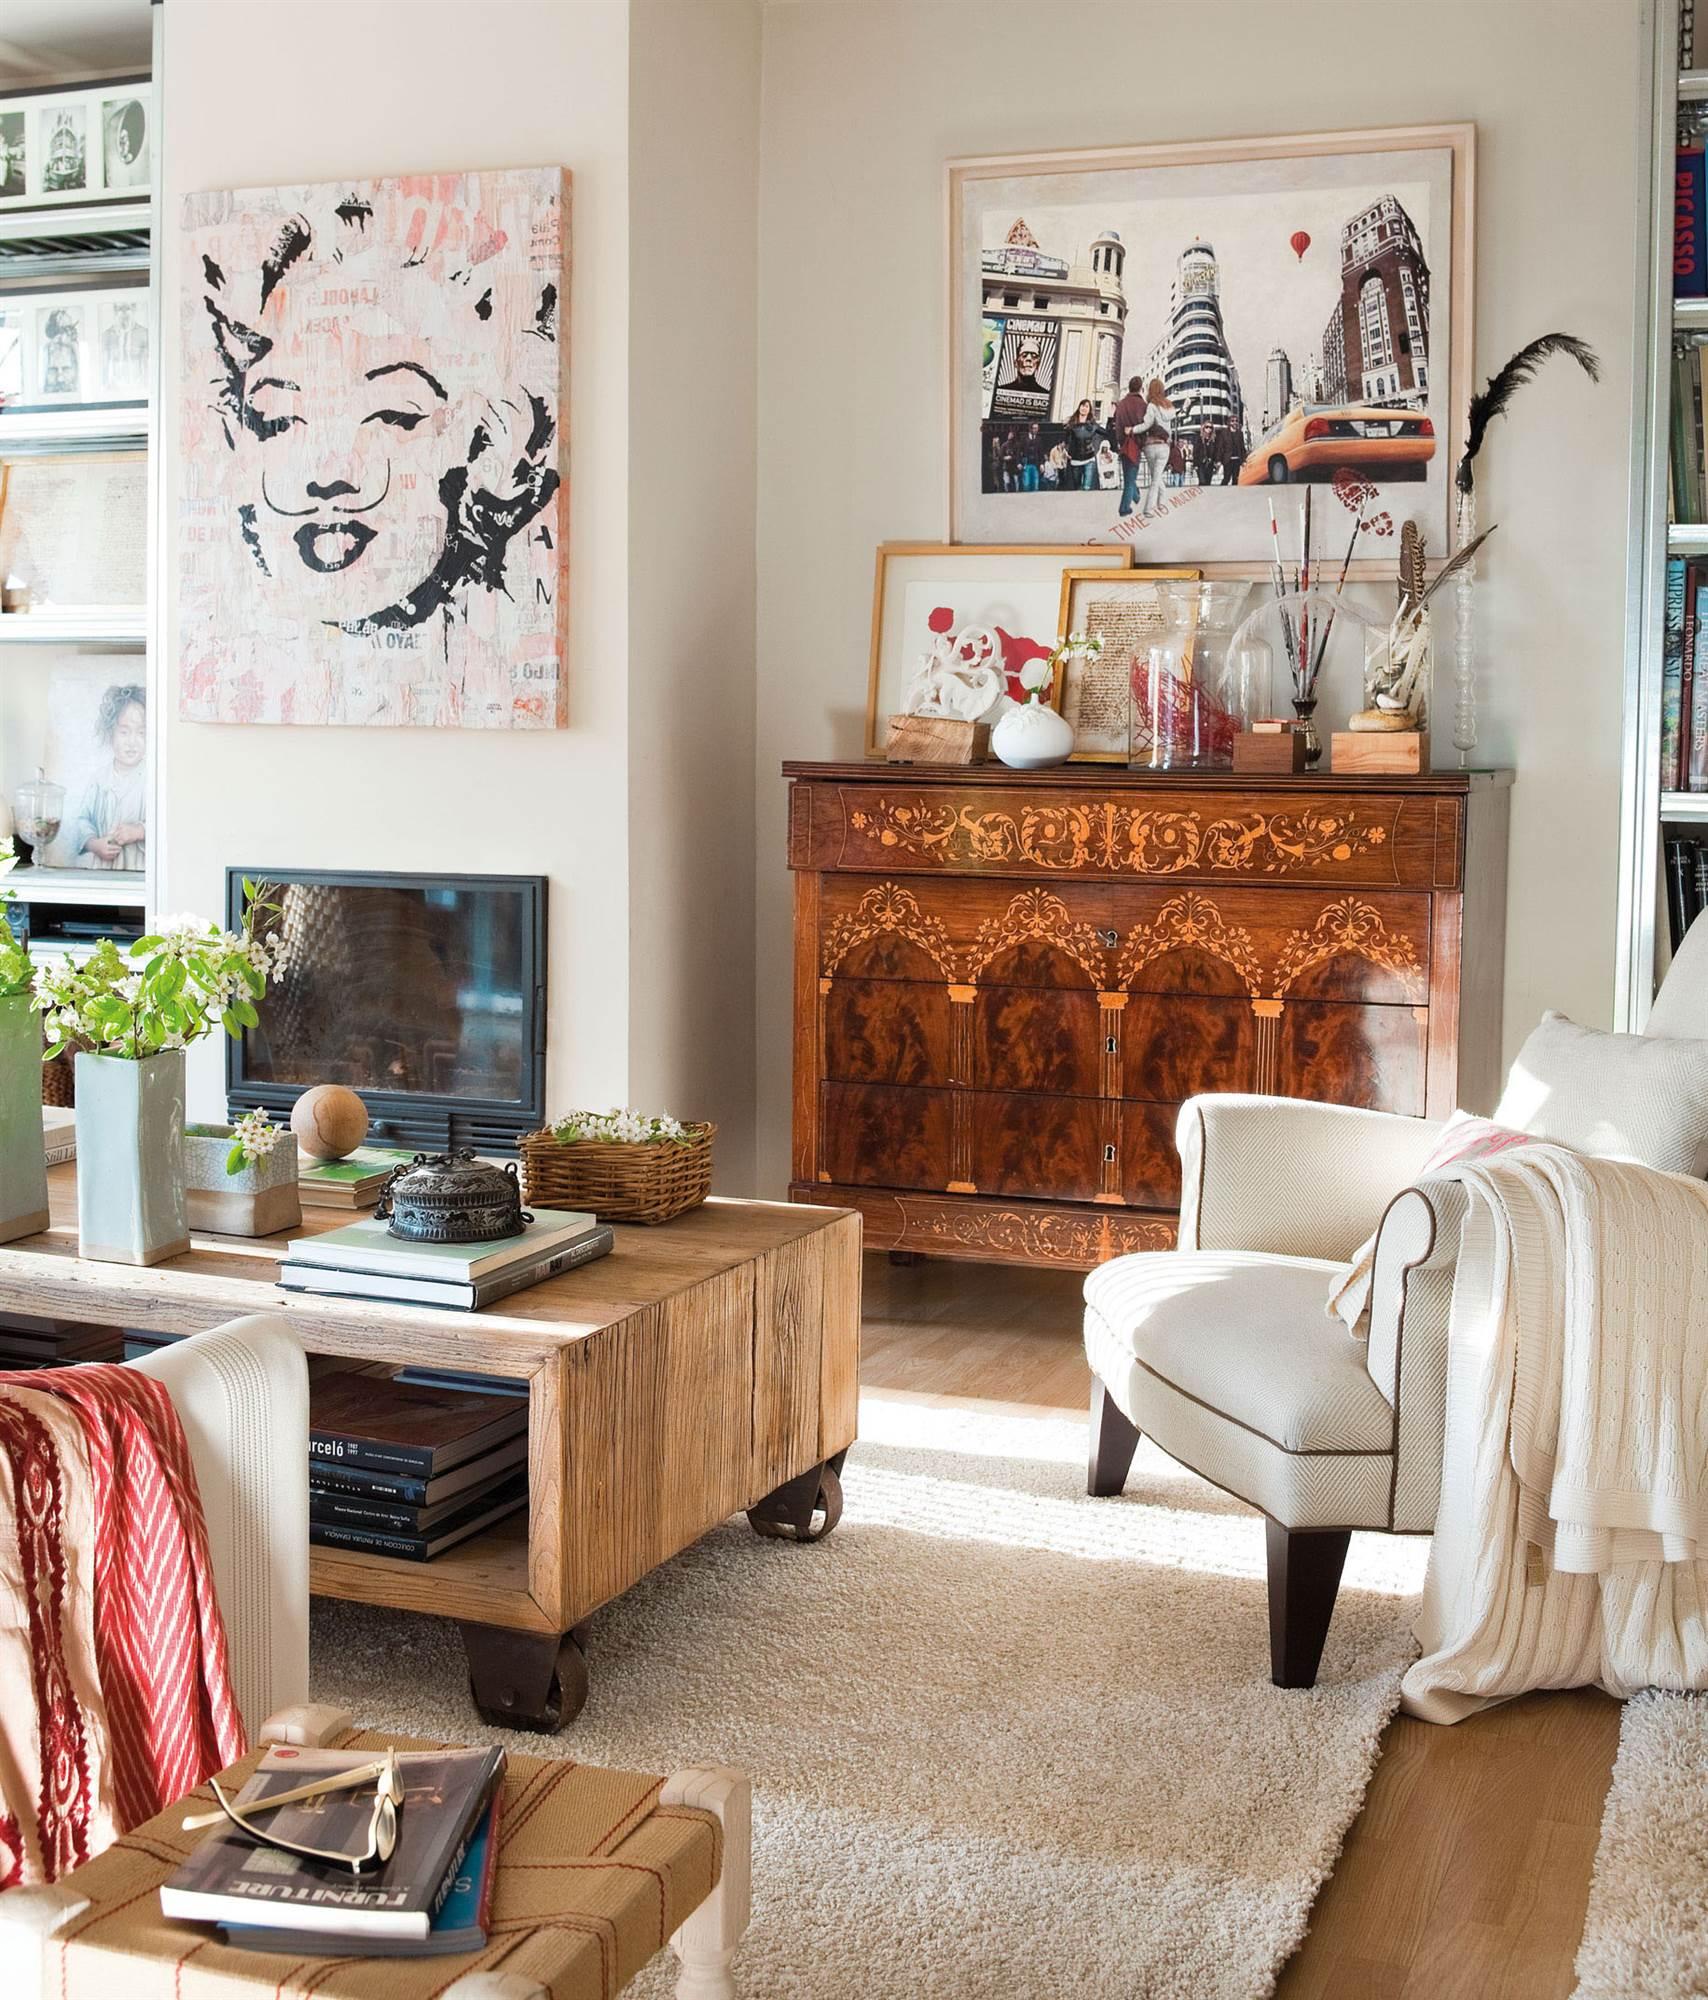 roncon de salon con comoda vintage_00343804. rincon de salon con comoda vintage_00343804